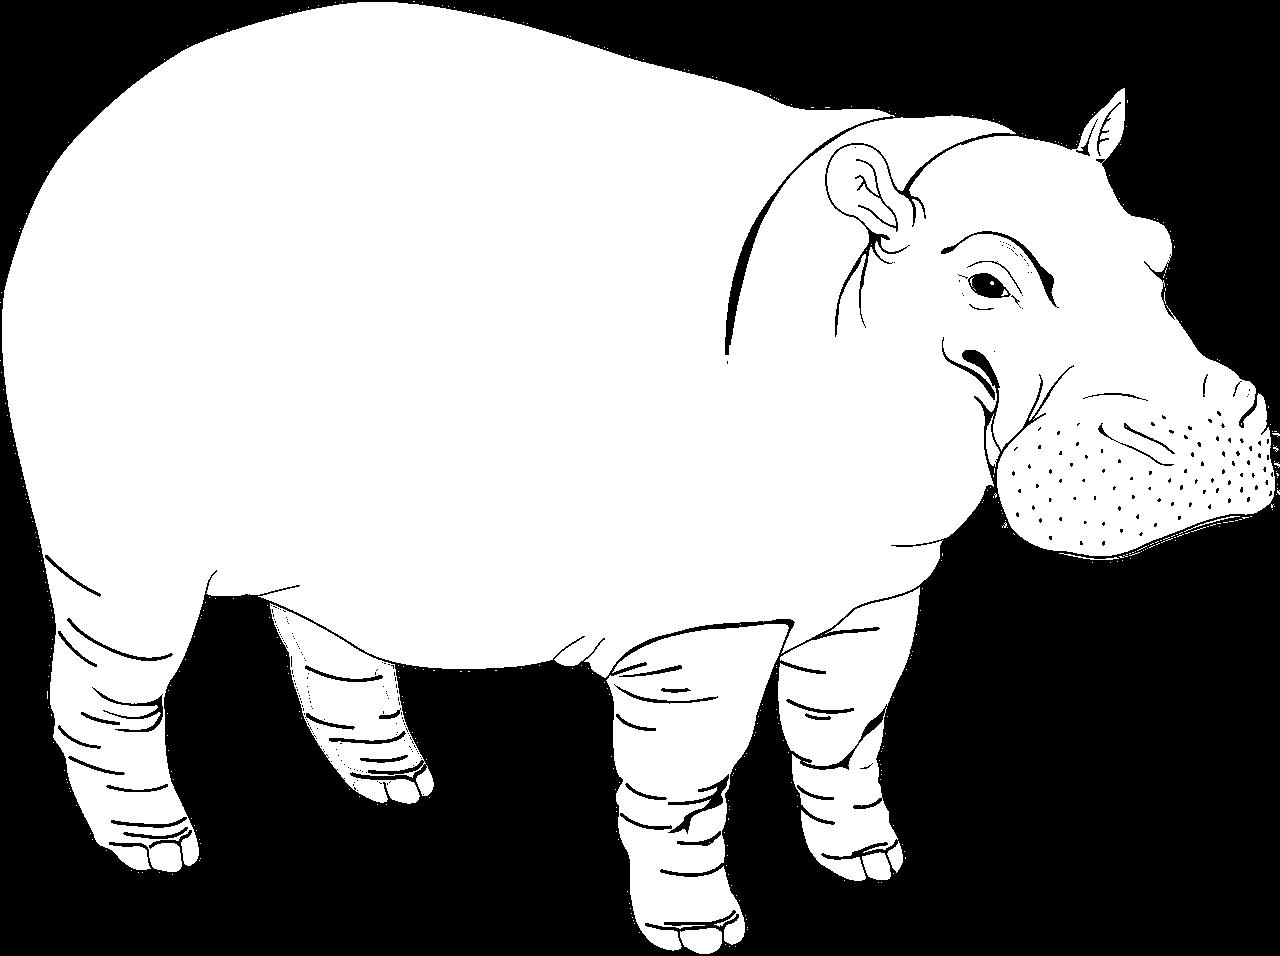 Disegno da colorare di ippopotamo realistico con linea fine